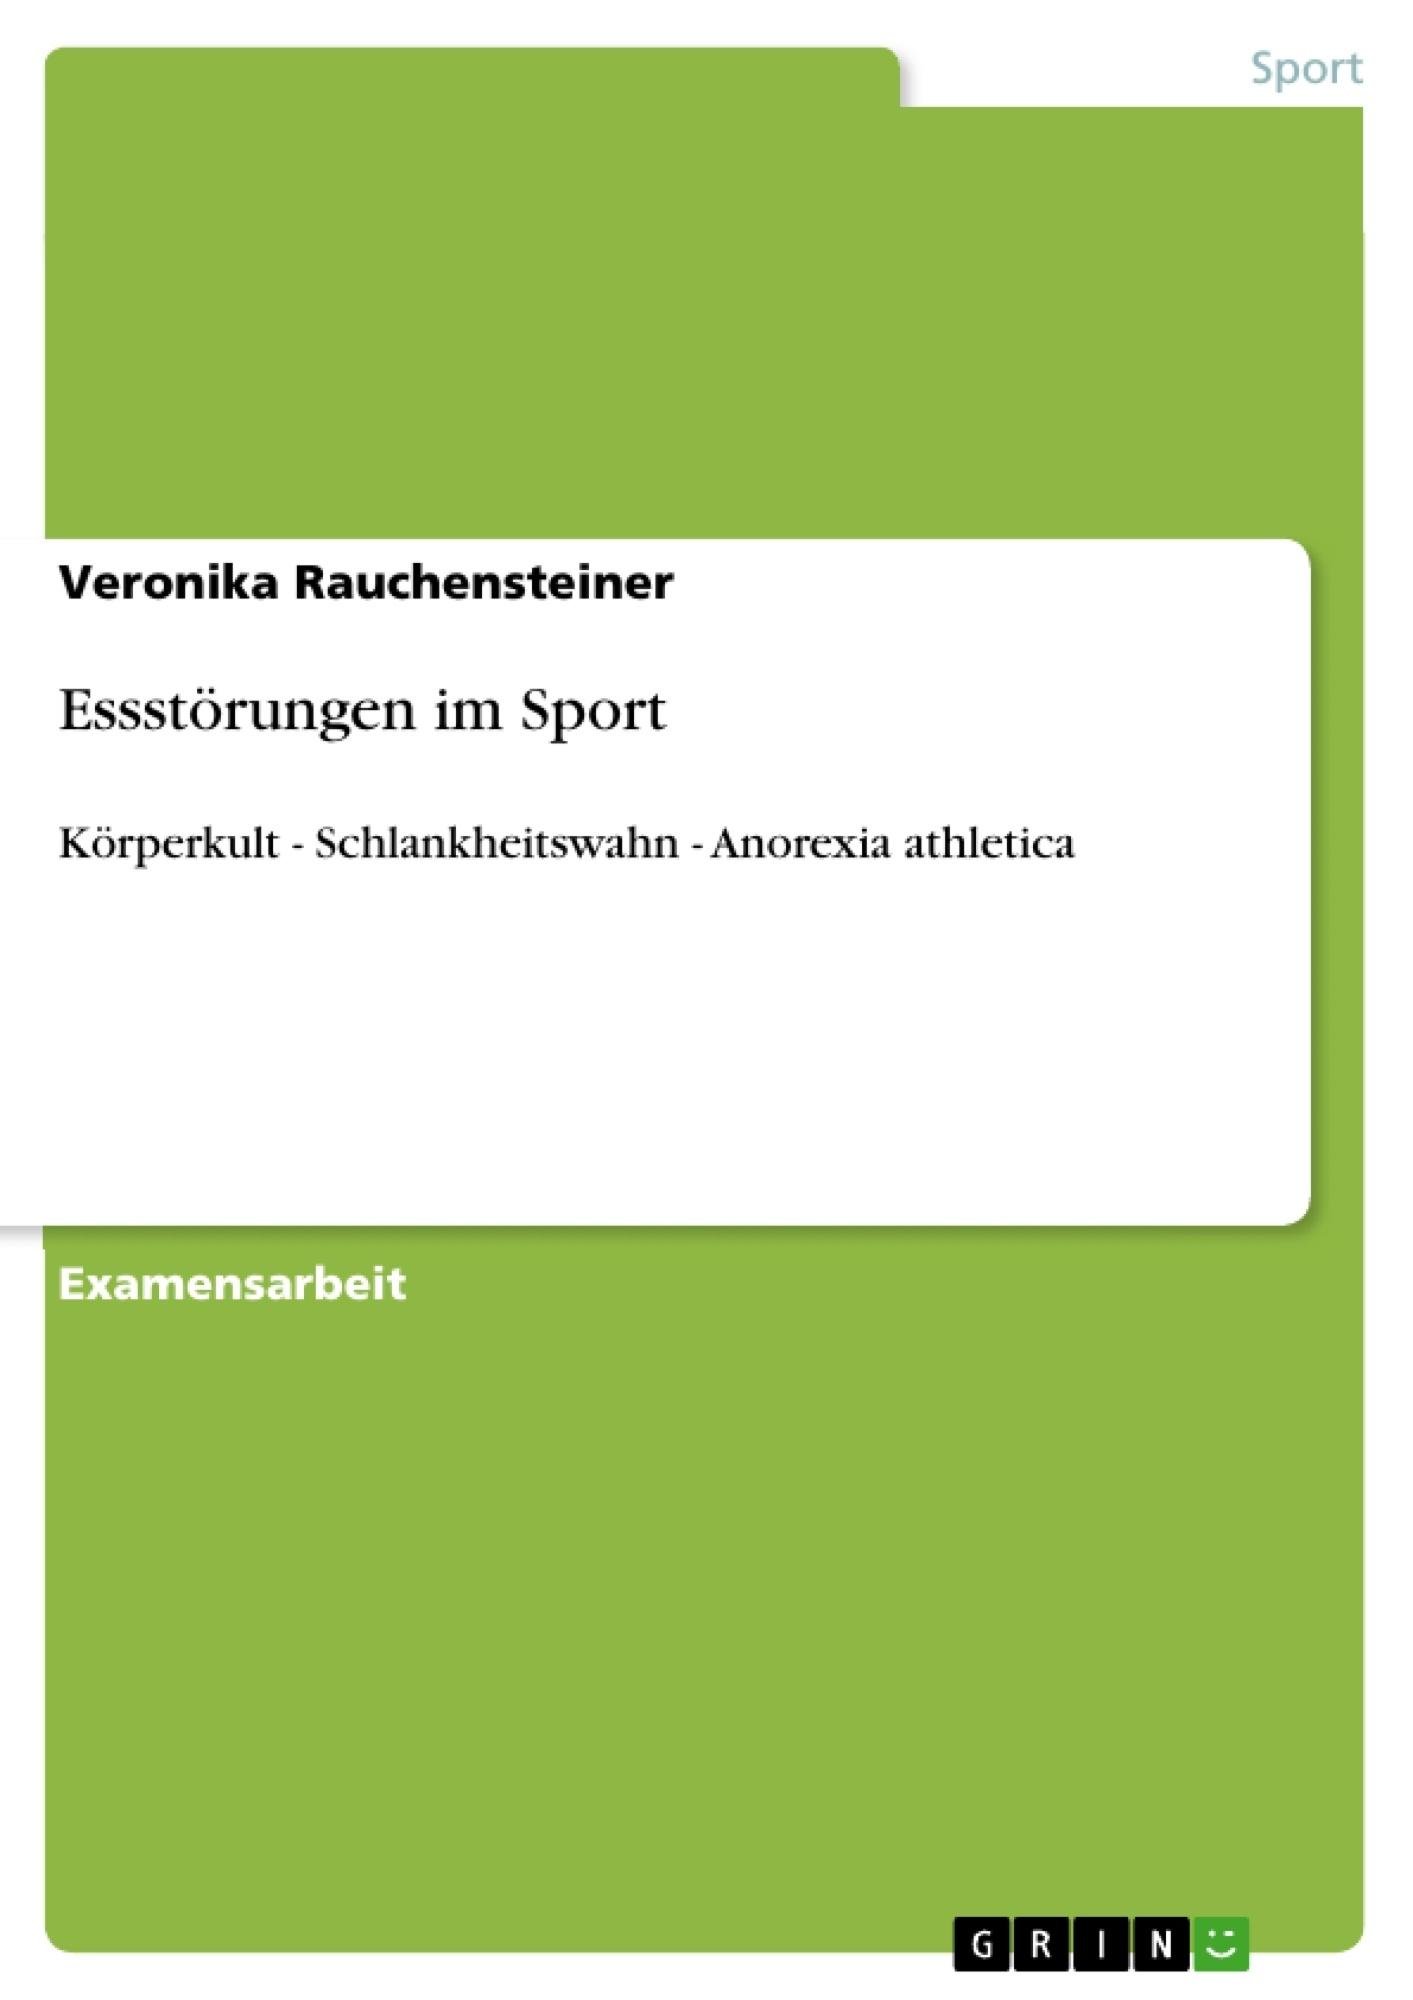 Titel: Essstörungen im Sport